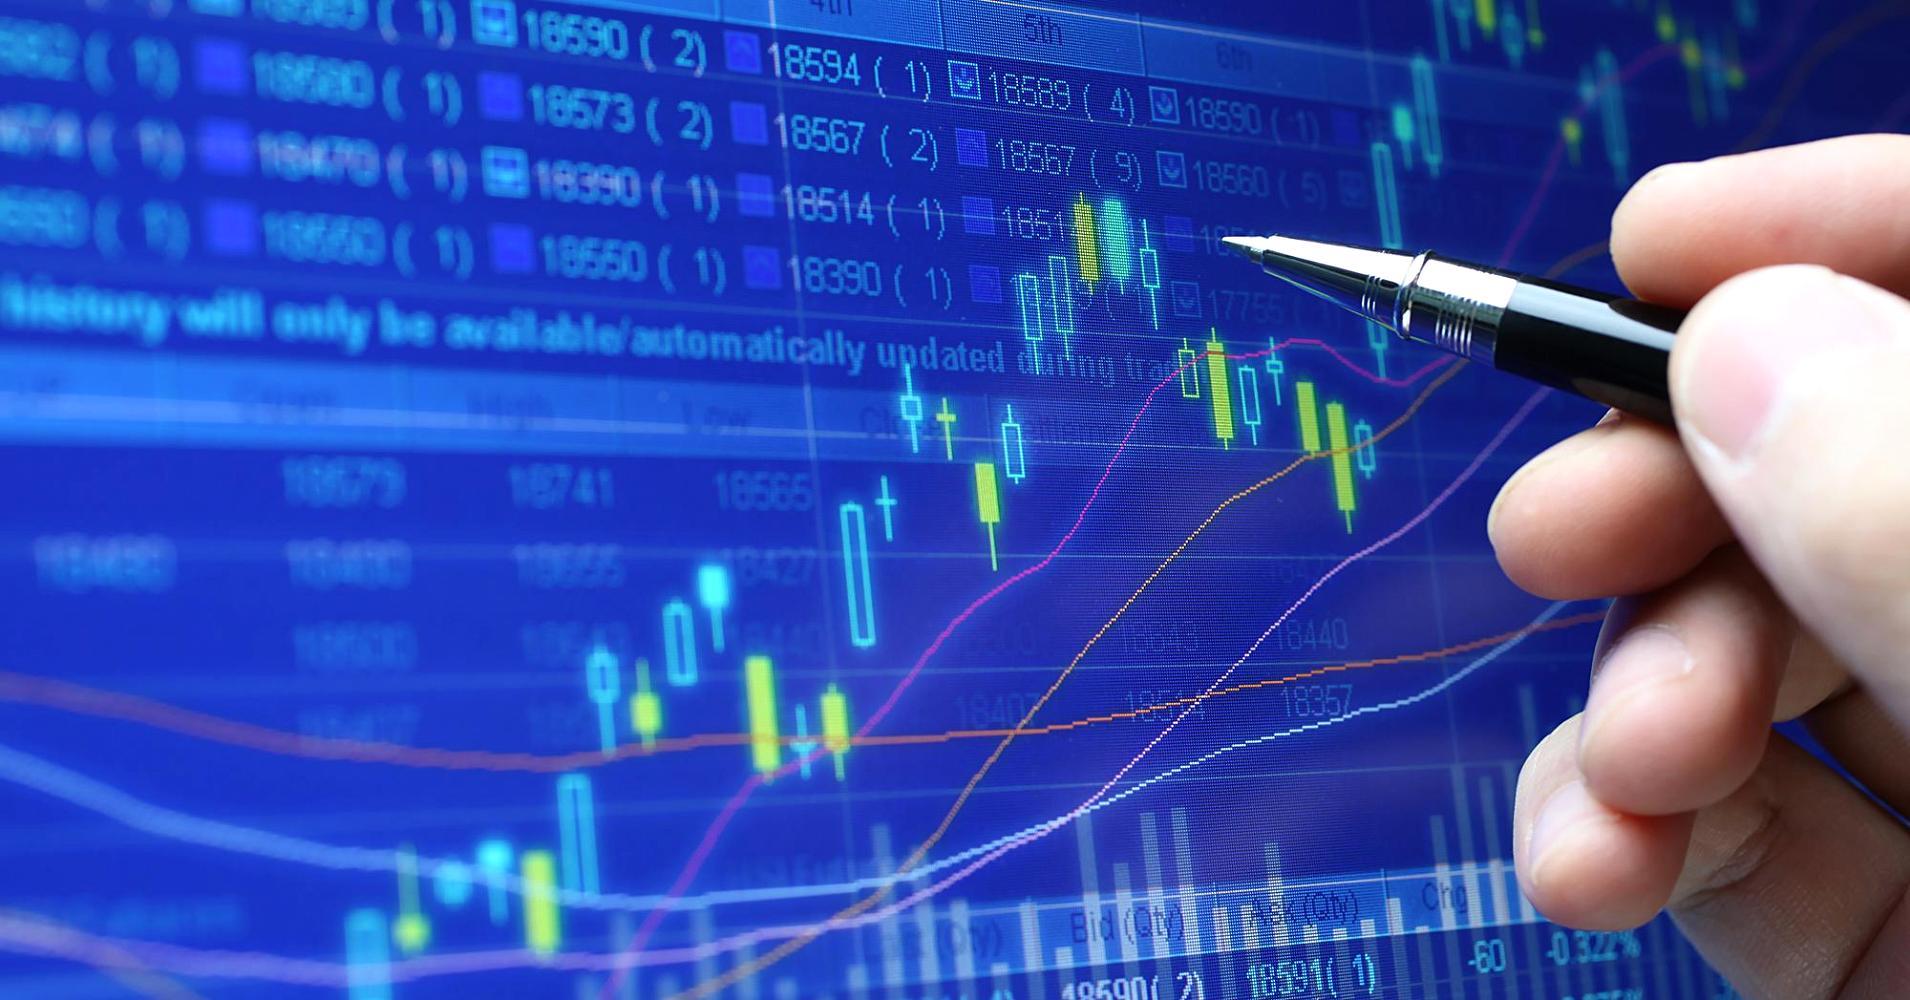 เอเชียพลัส ชี้หุ้นไทยอยู่ในช่วงปรับฐาน  แนะเลือกลงทุนหุ้น Dividend Stock